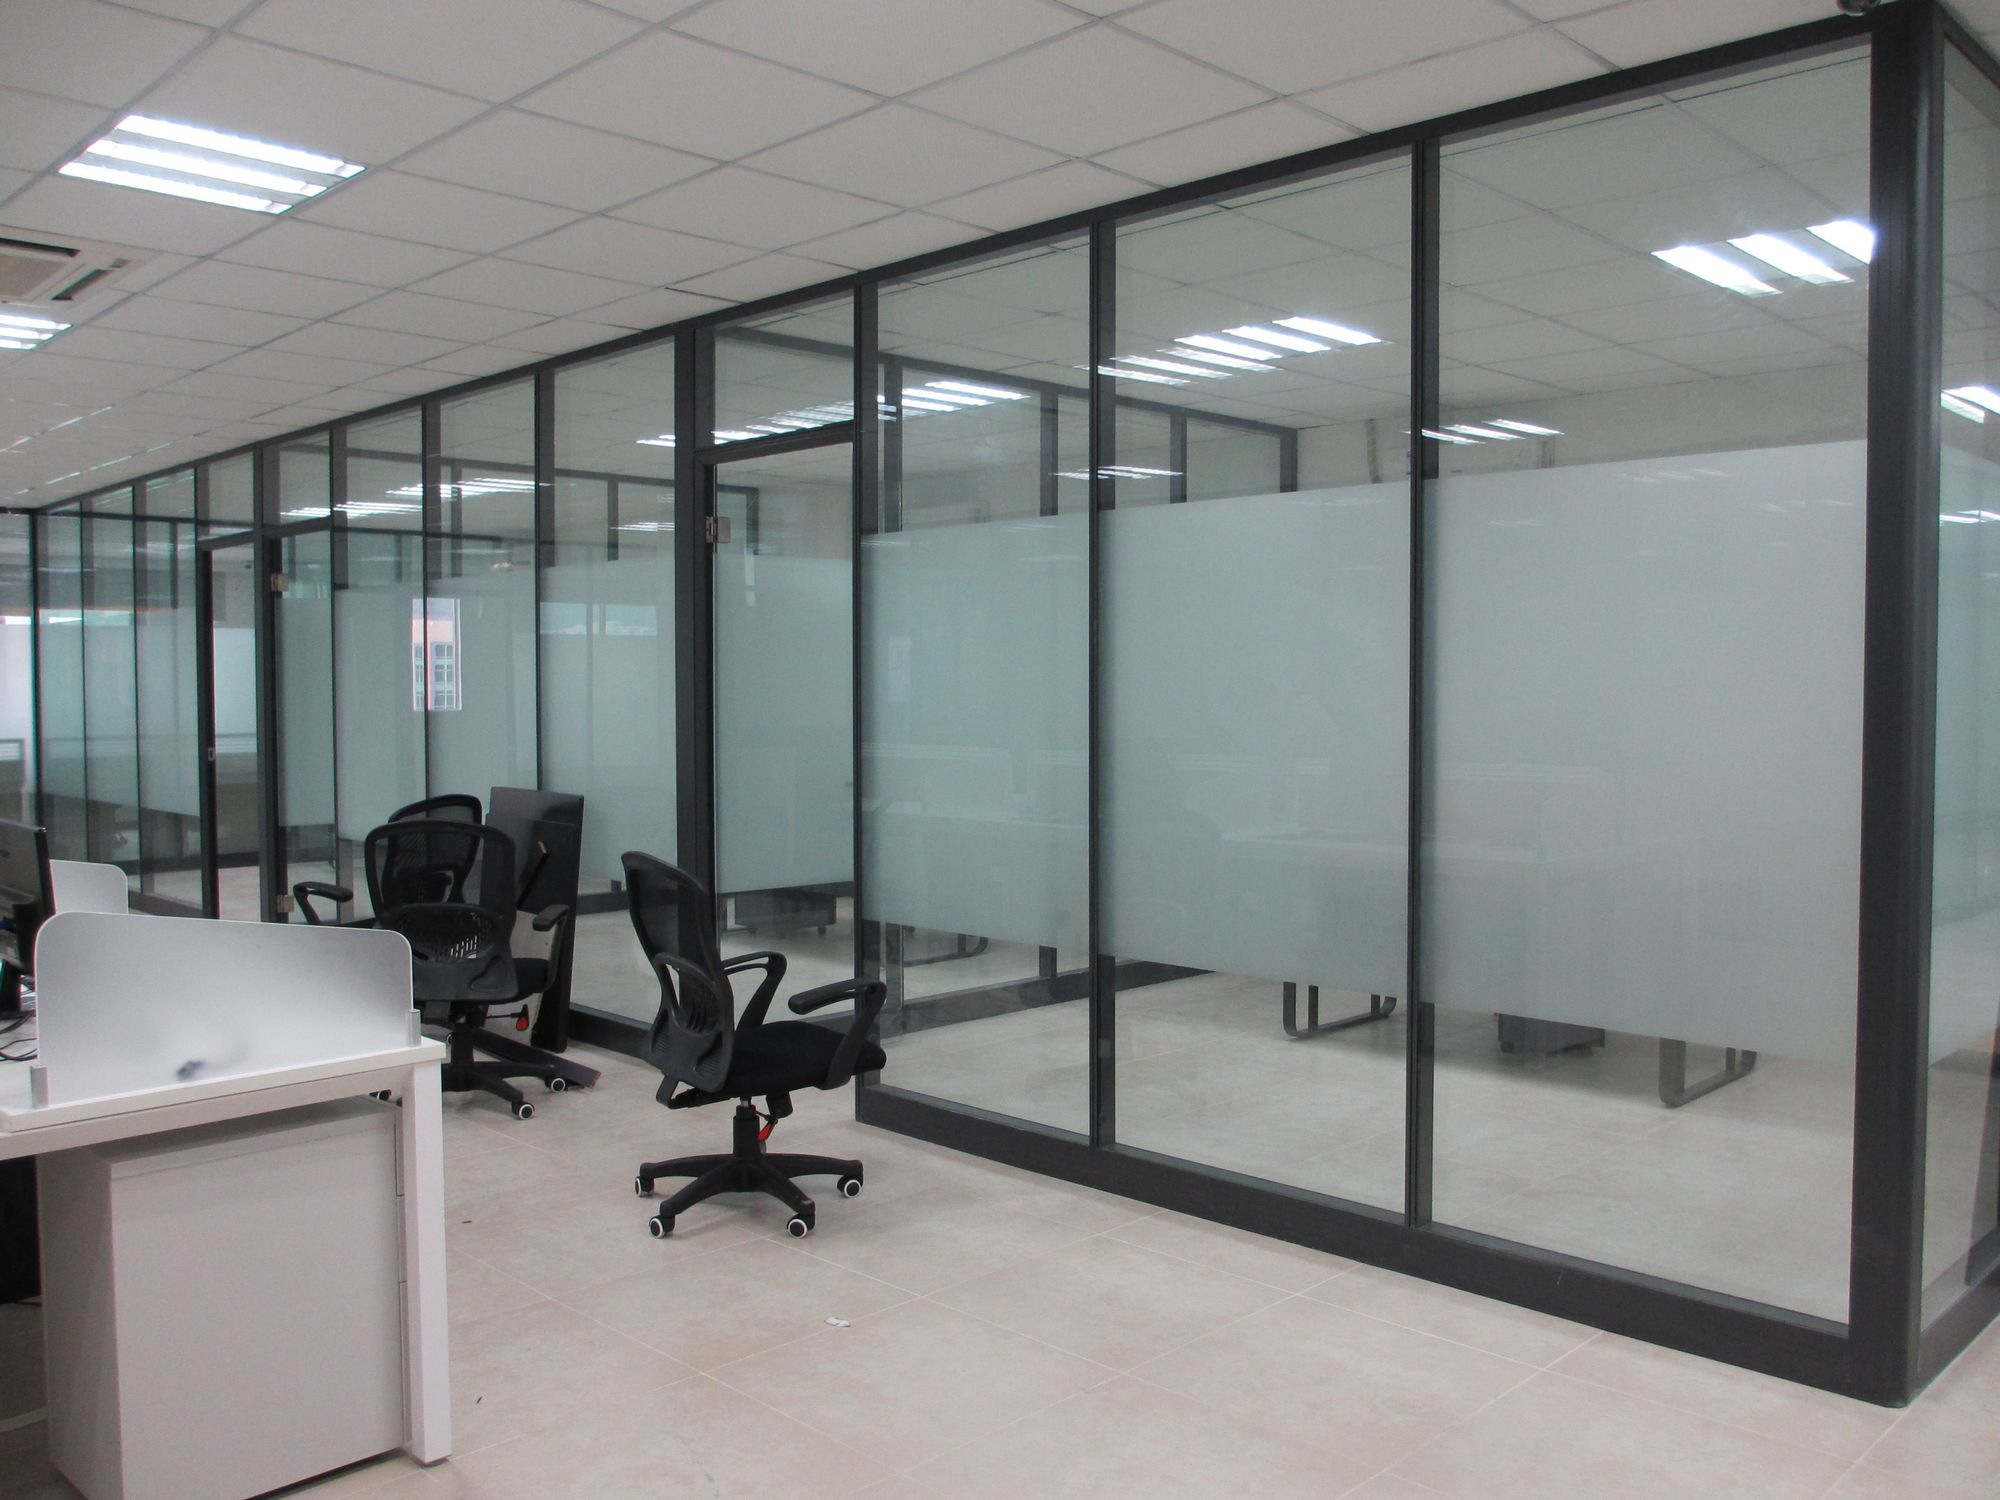 广州市厂家价格安装写字楼办公室隔断隔间隔断墙电话价格